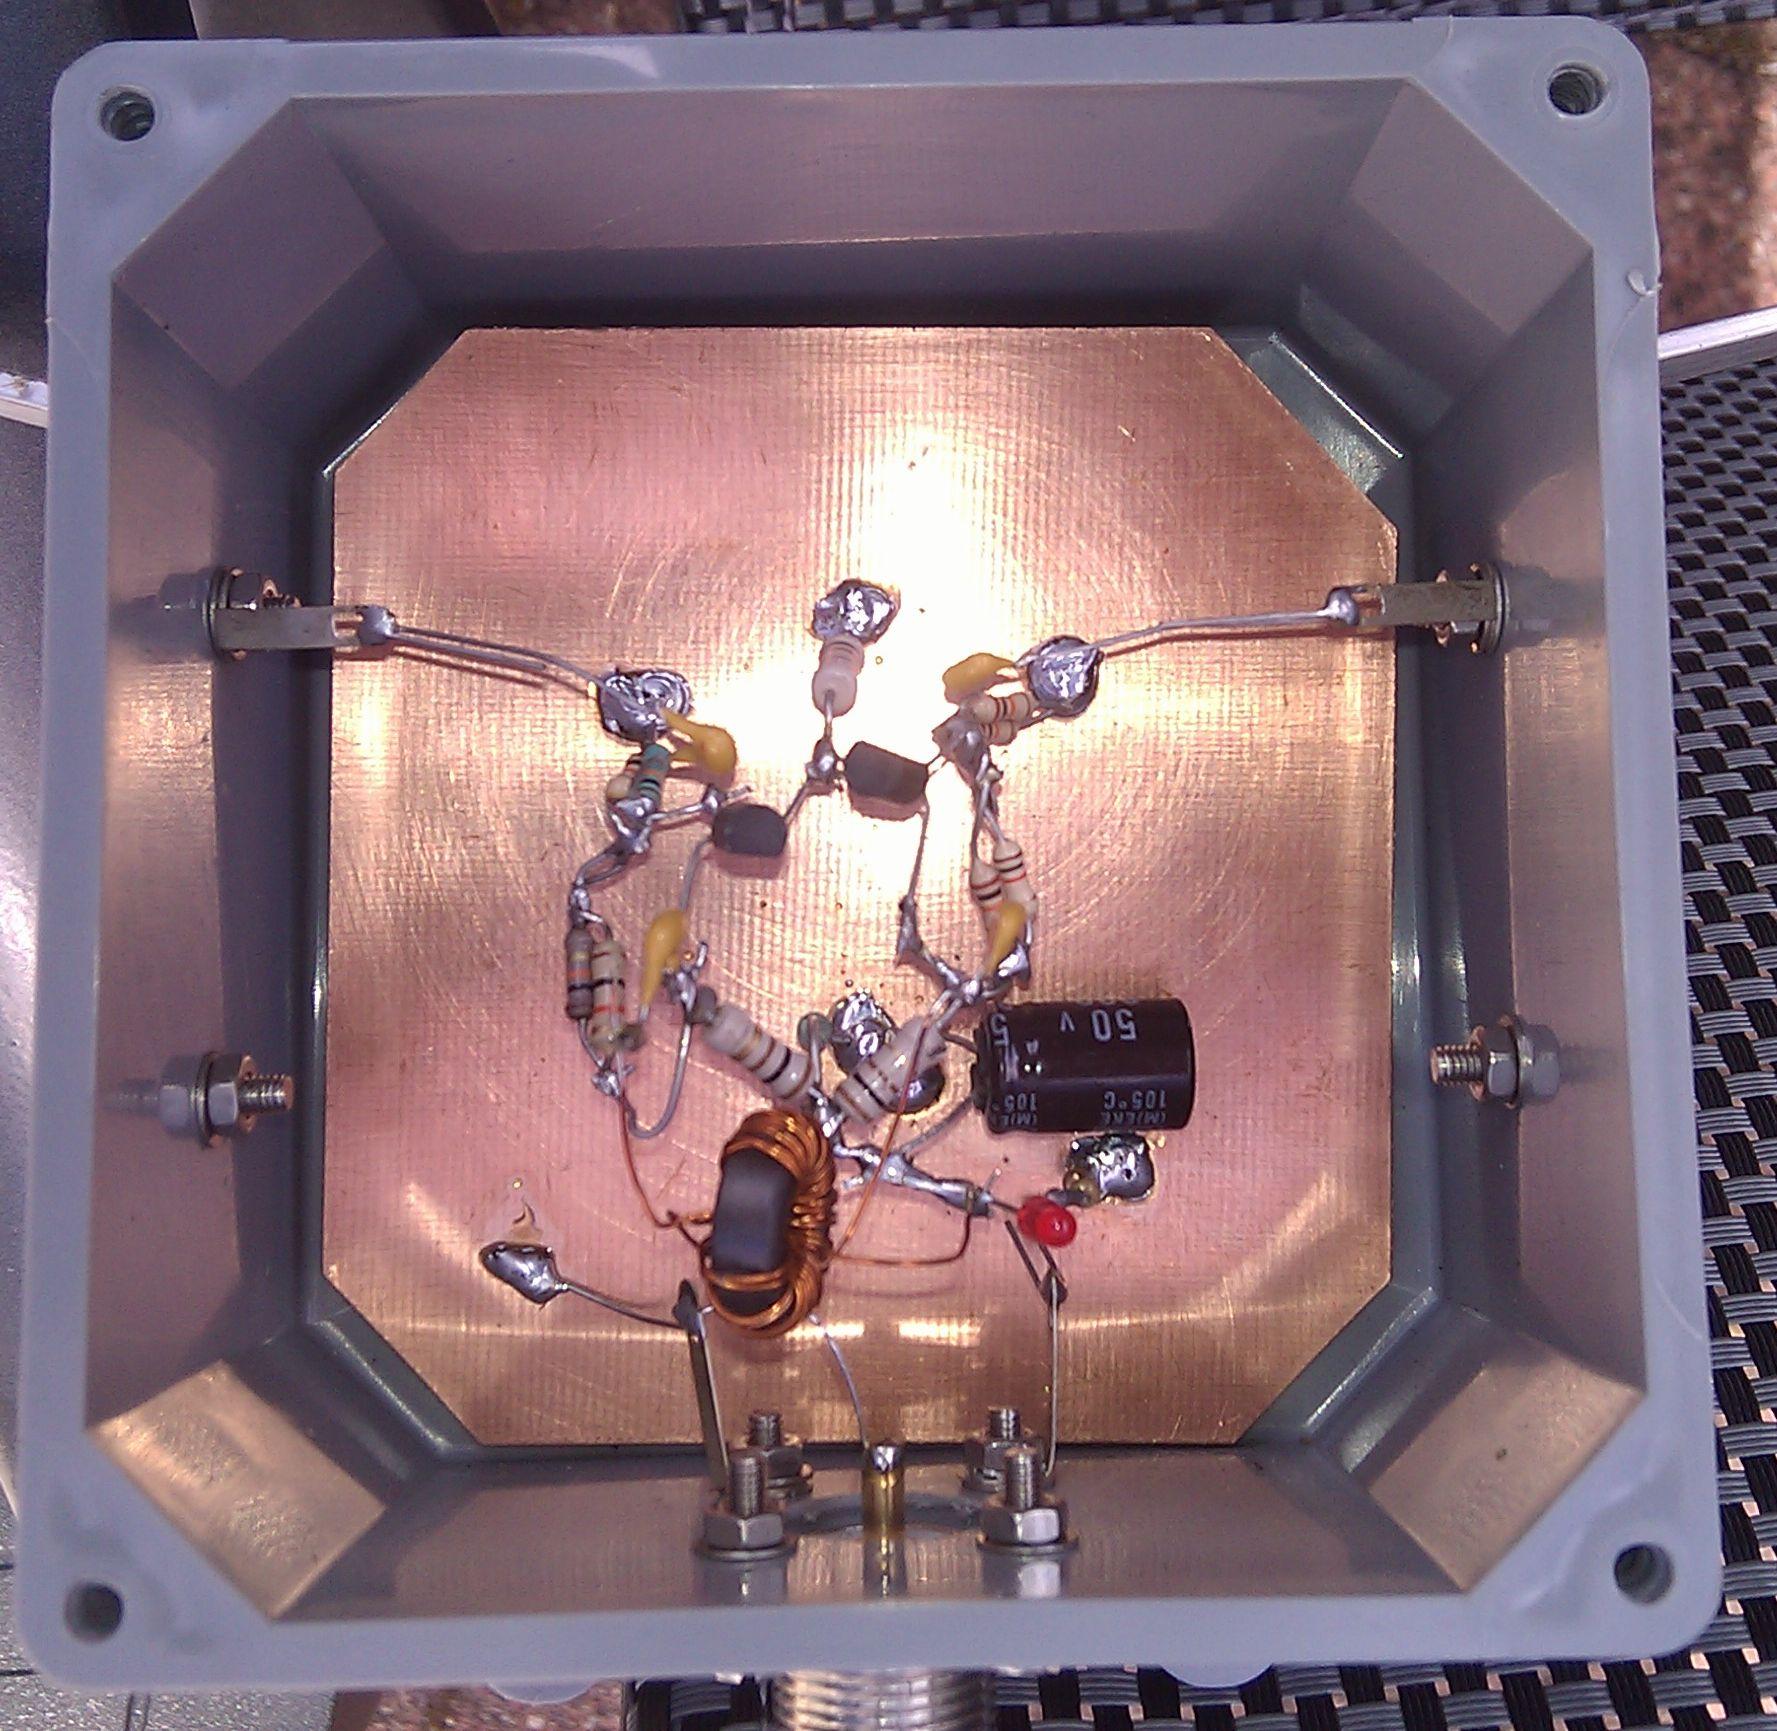 Simple active receive loop - PA1M - Amateur Radio